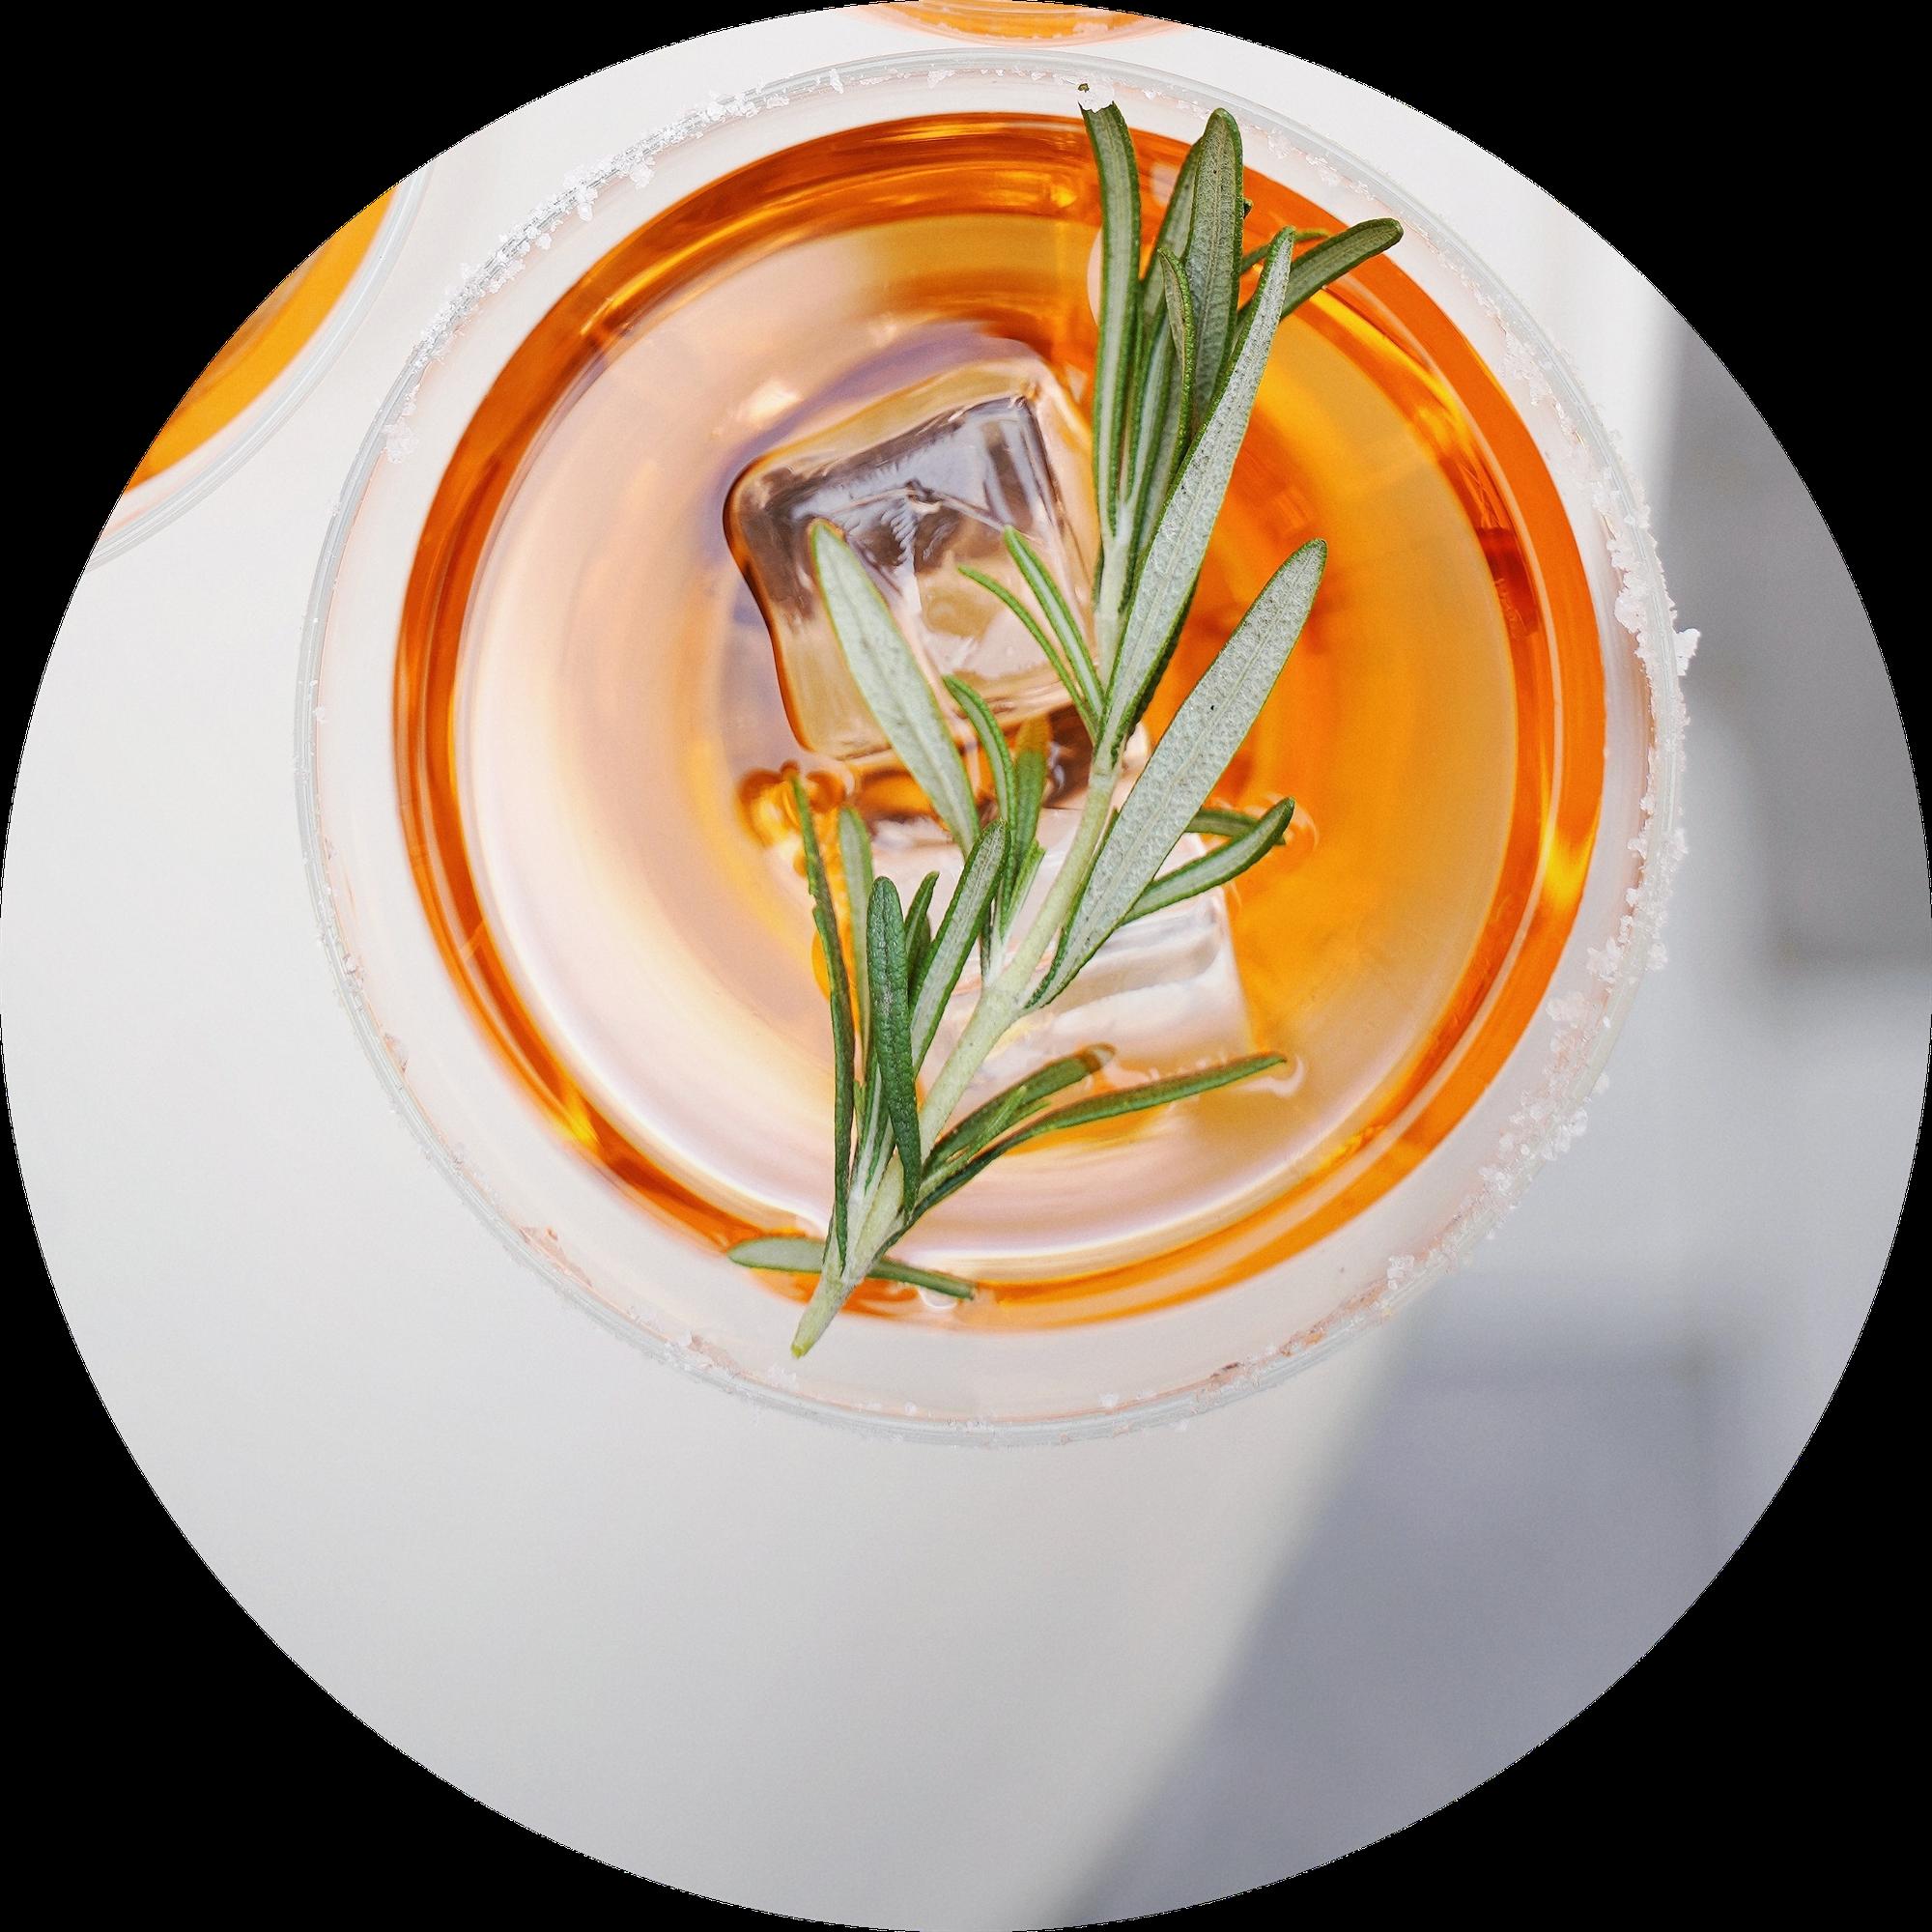 Rosemary oil vs Minoxidil